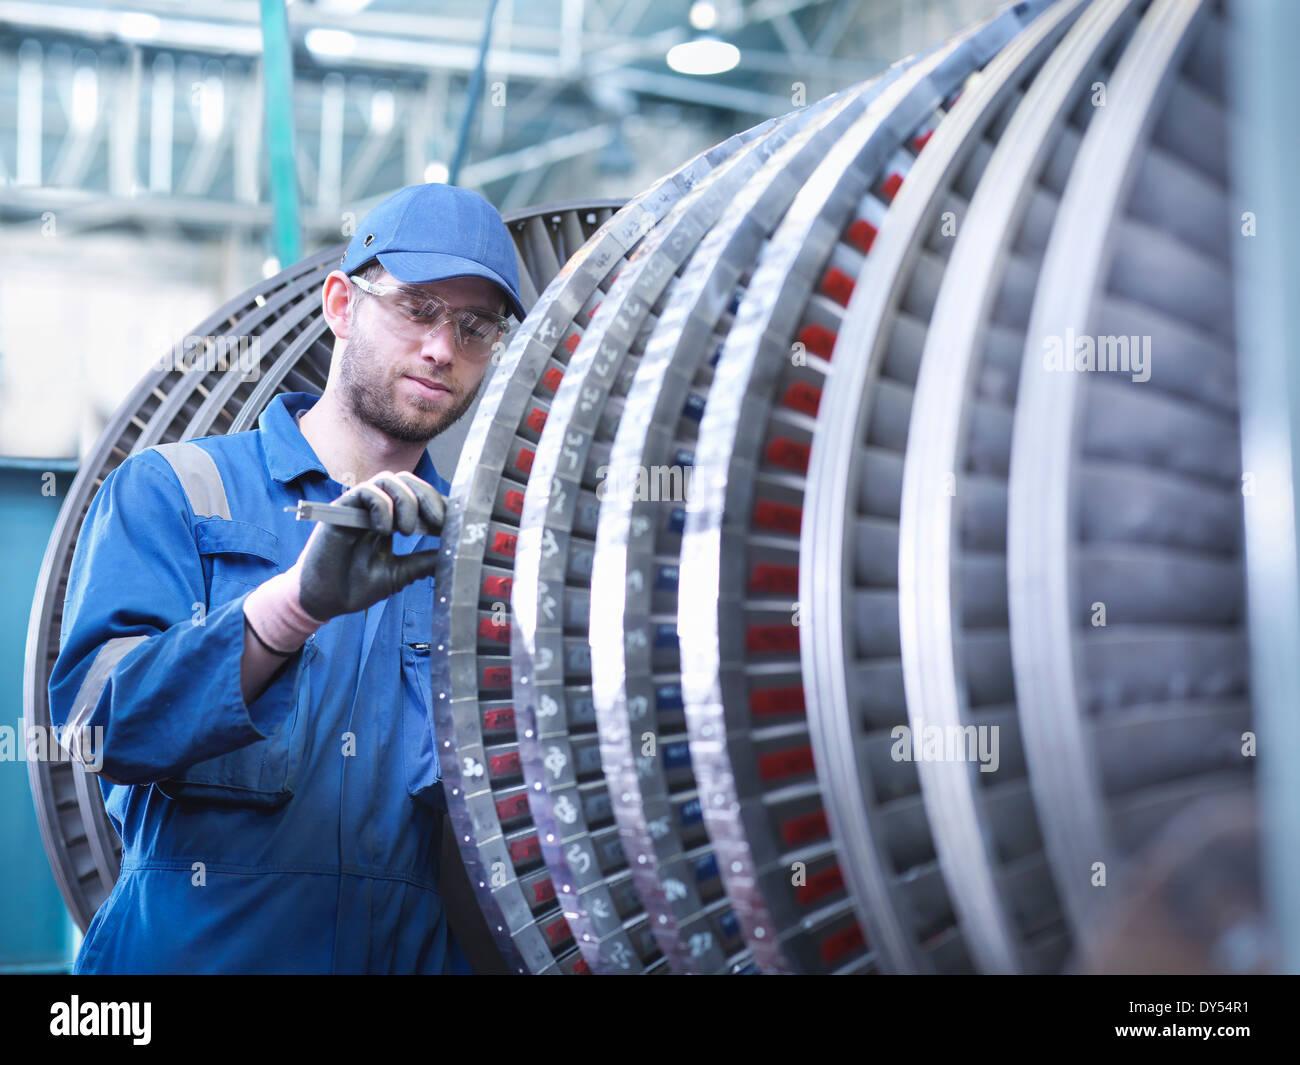 Engineer measuring high pressure steam turbine blade in workshop Stock Photo